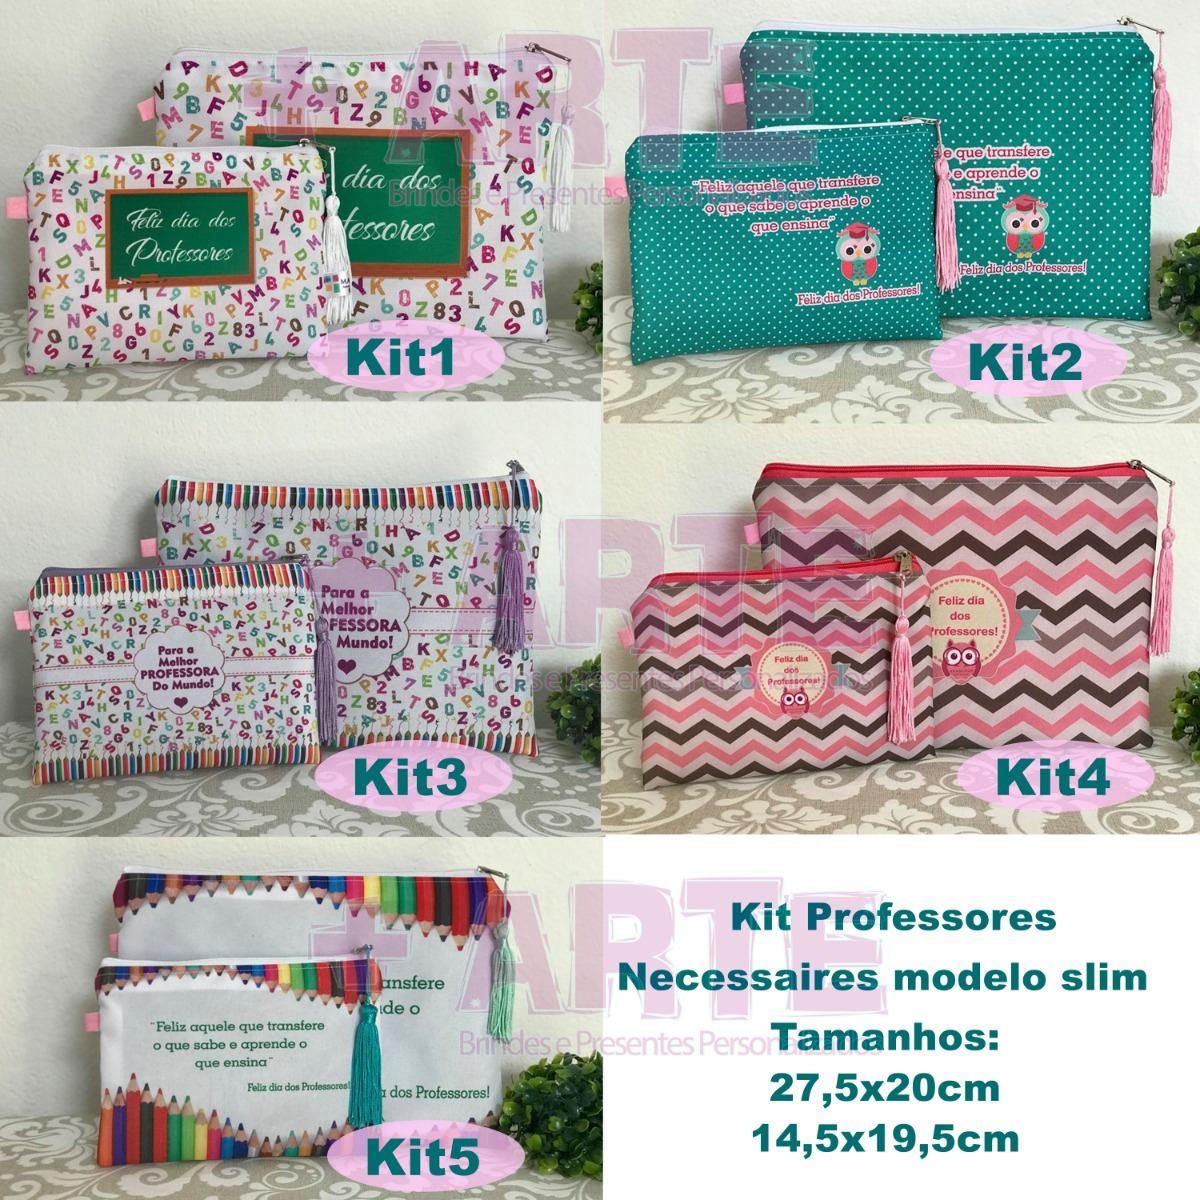 Dia Dos Professores Necessaires Kit C 25 R 785 99 Em Mercado Livre